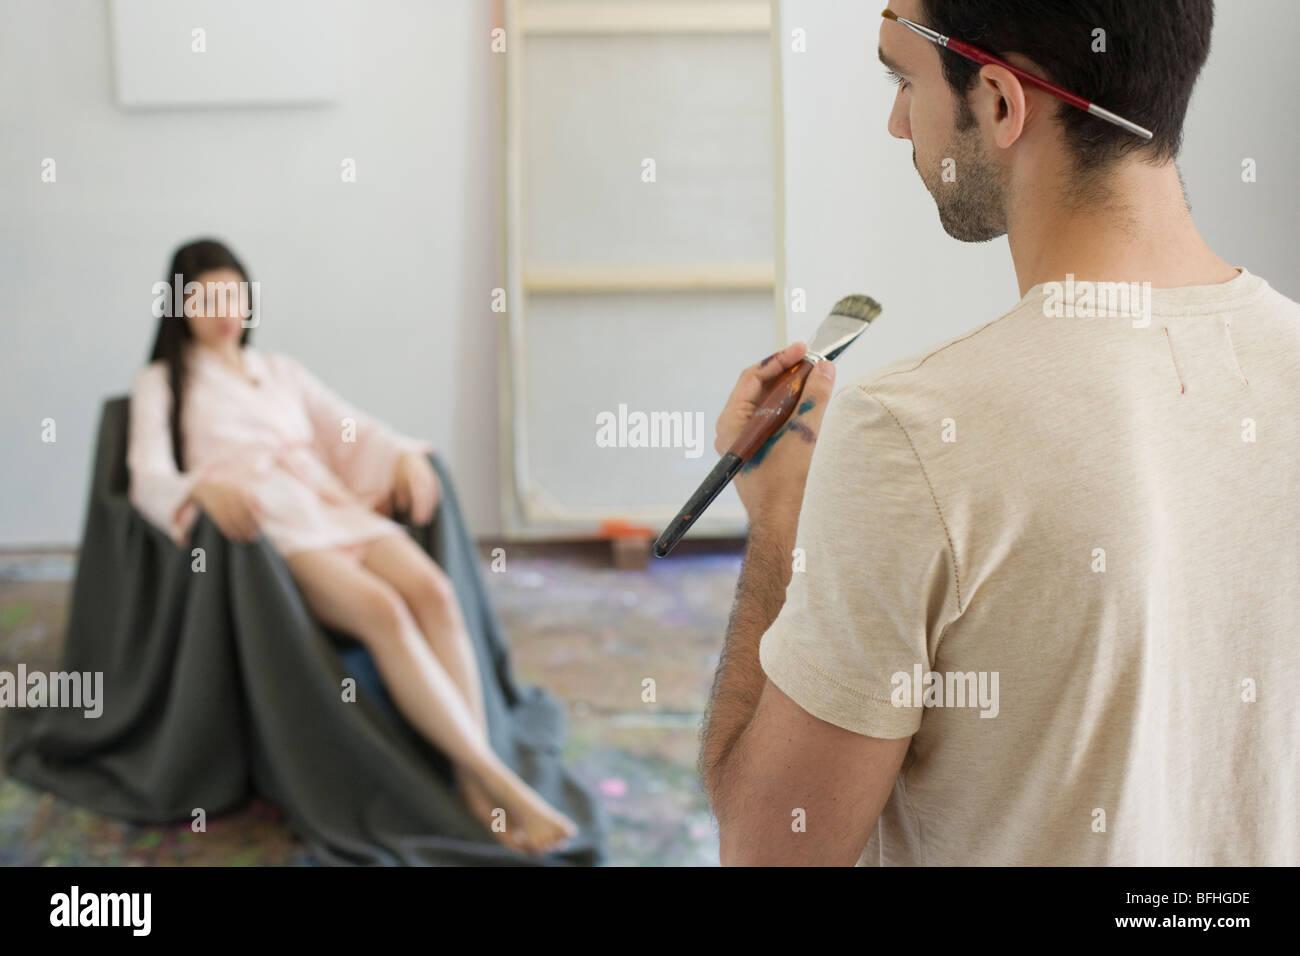 Artista artista osservando il modello in Studio Immagini Stock